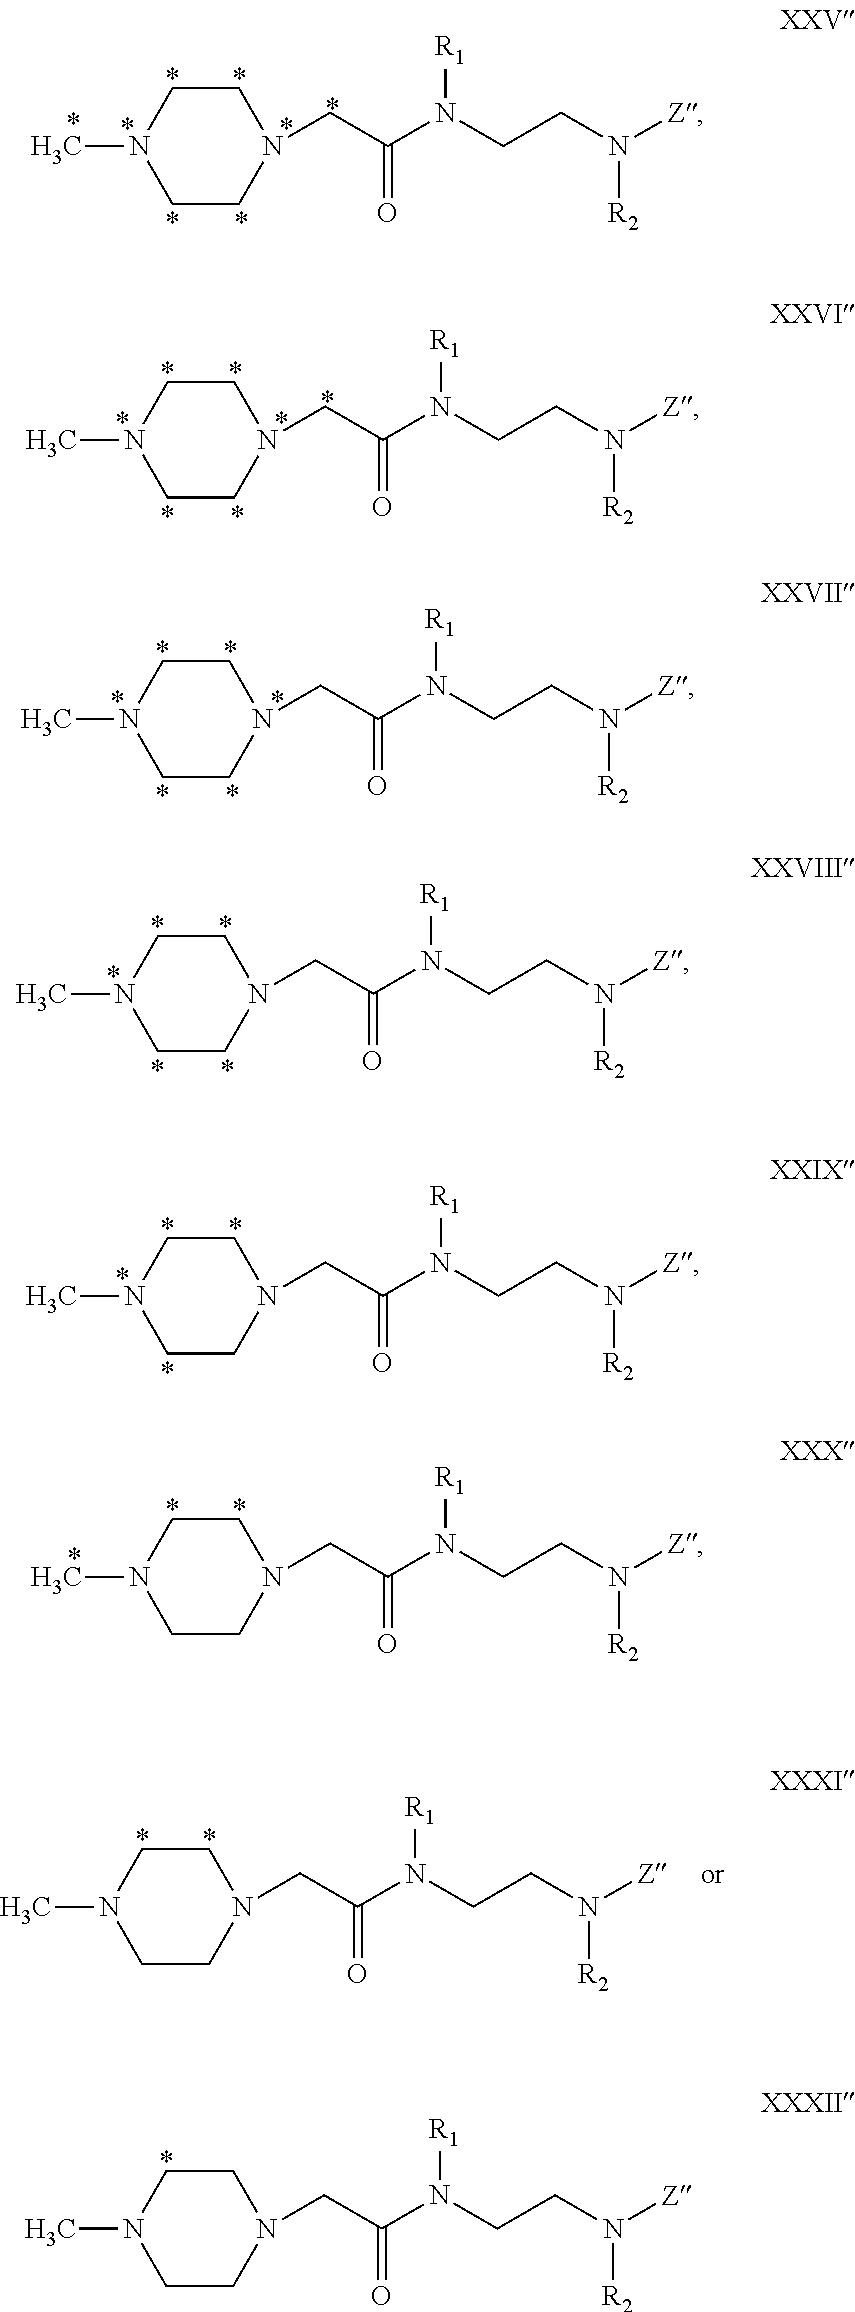 Figure US08492163-20130723-C00039